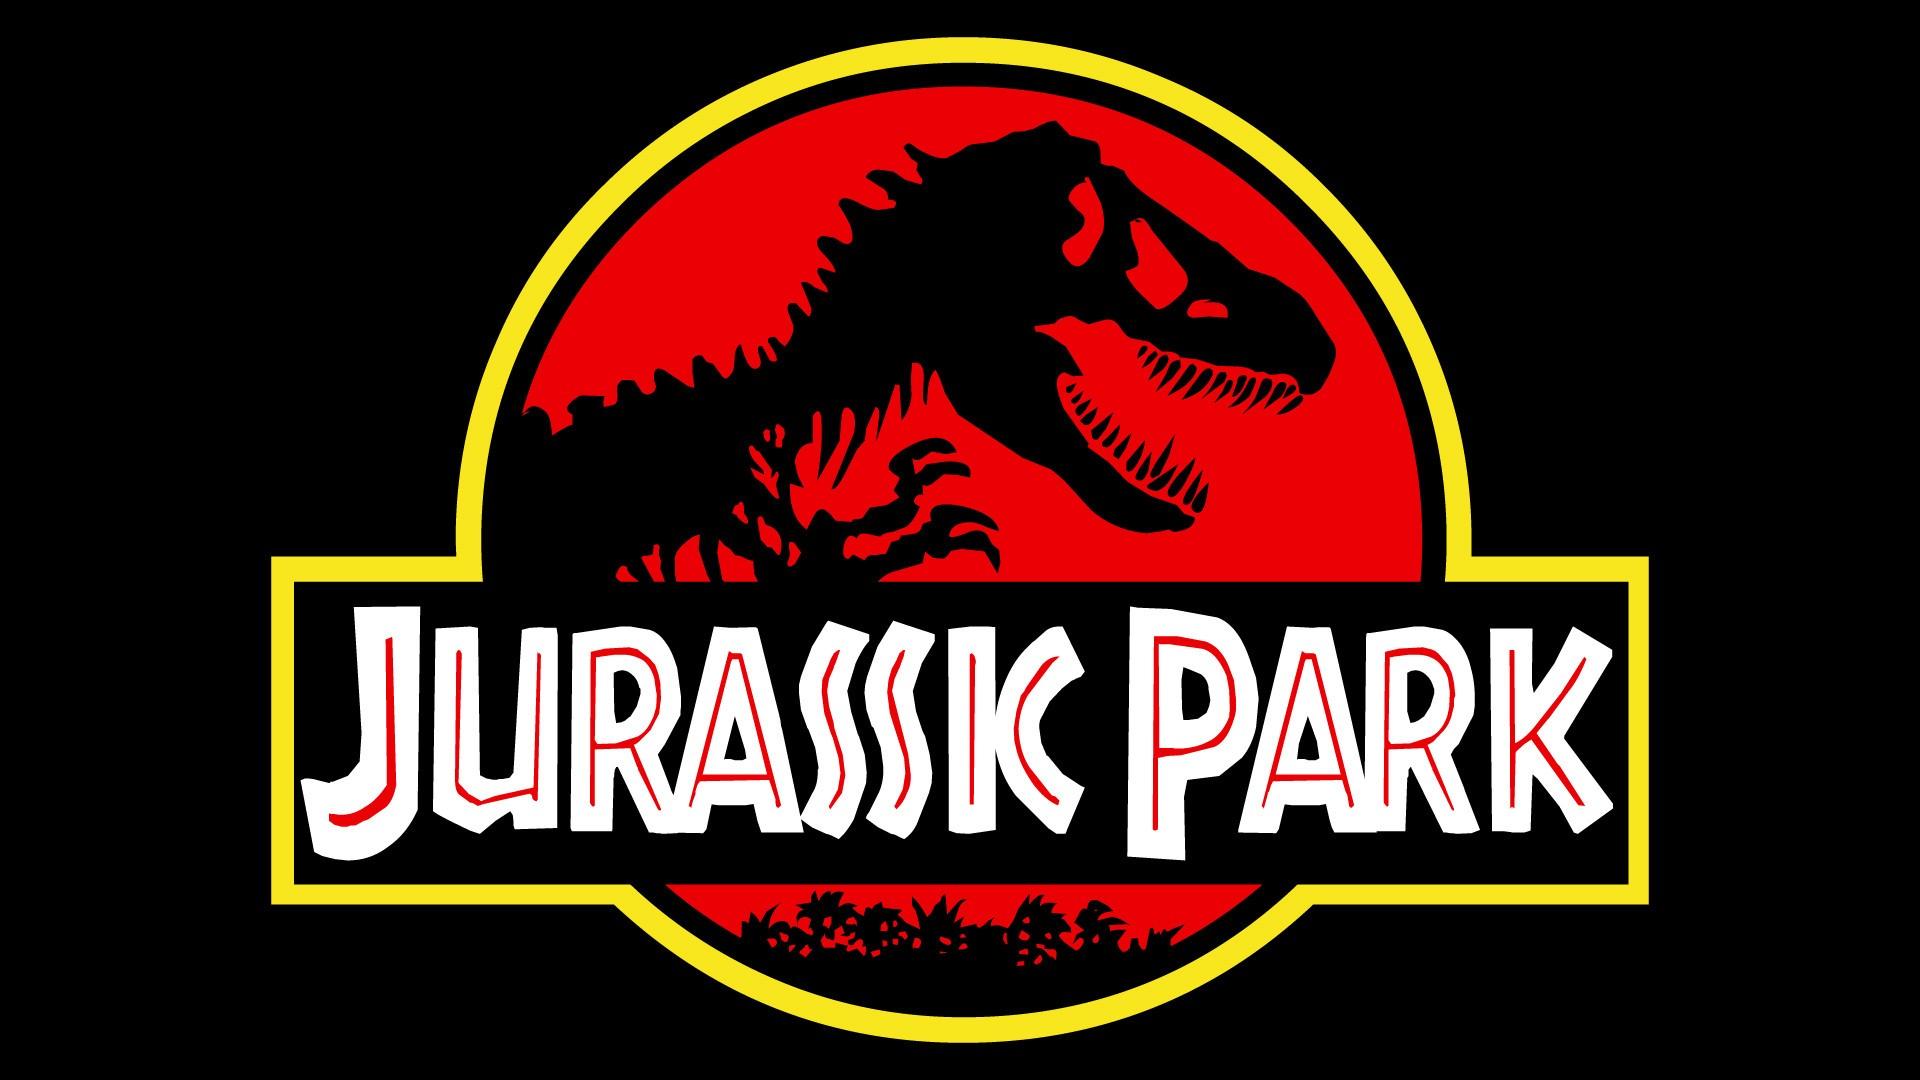 jurassic-park-original-logo.jpg